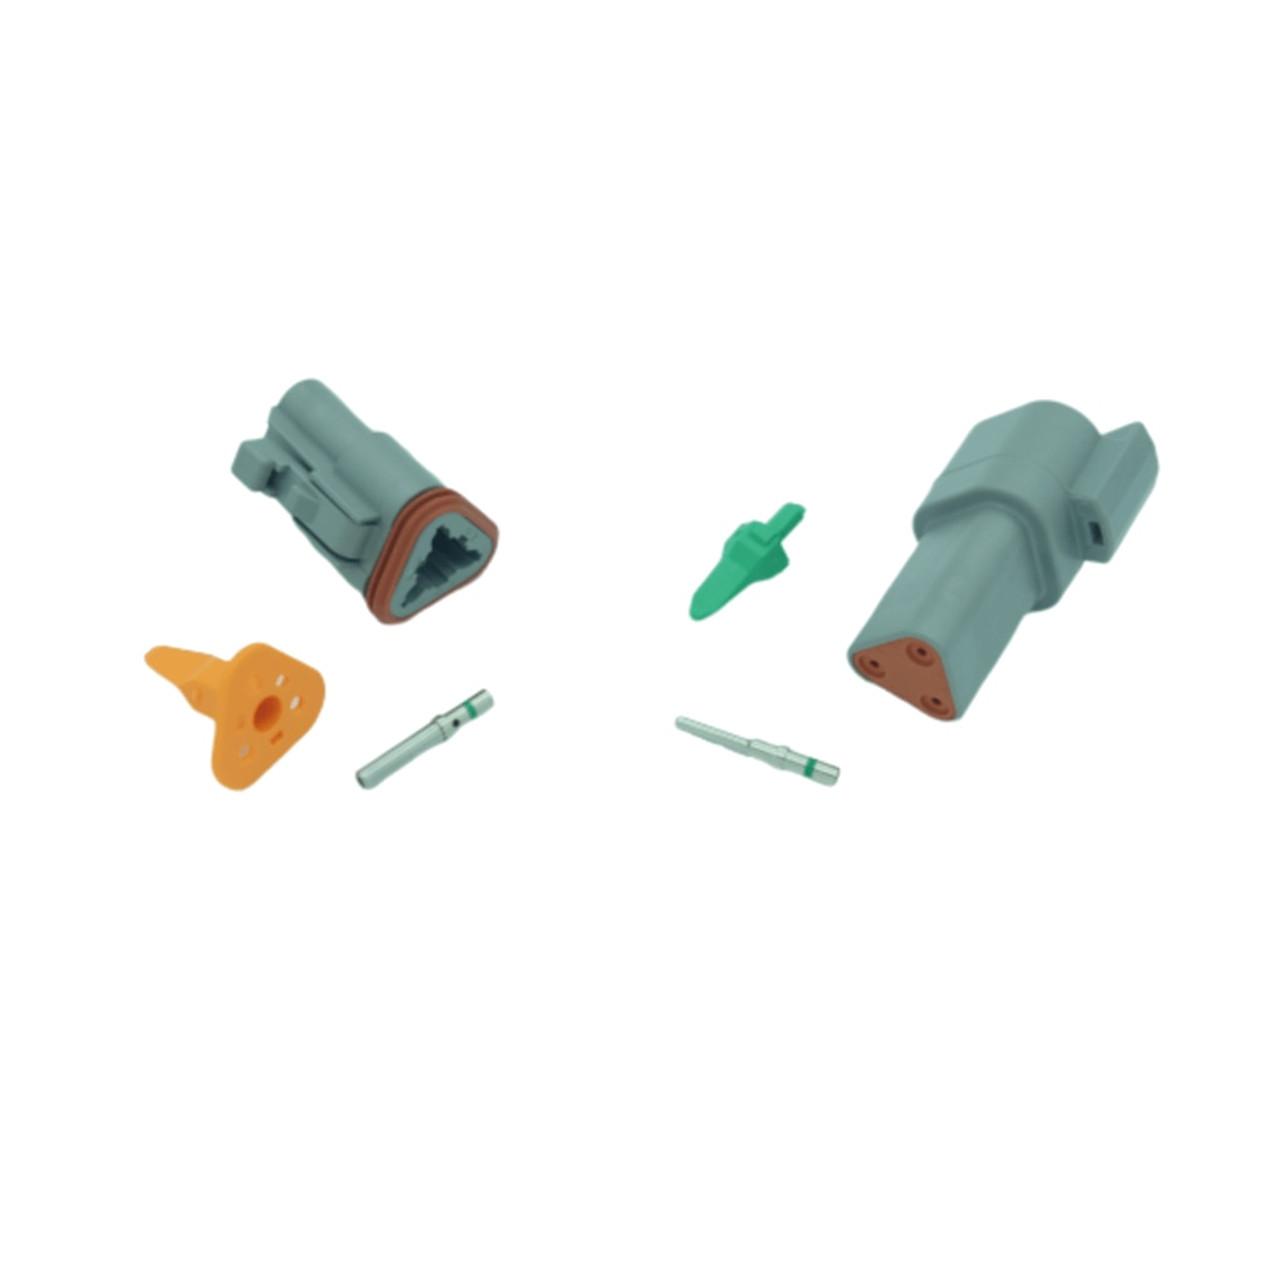 3 pin Deutsch connector set